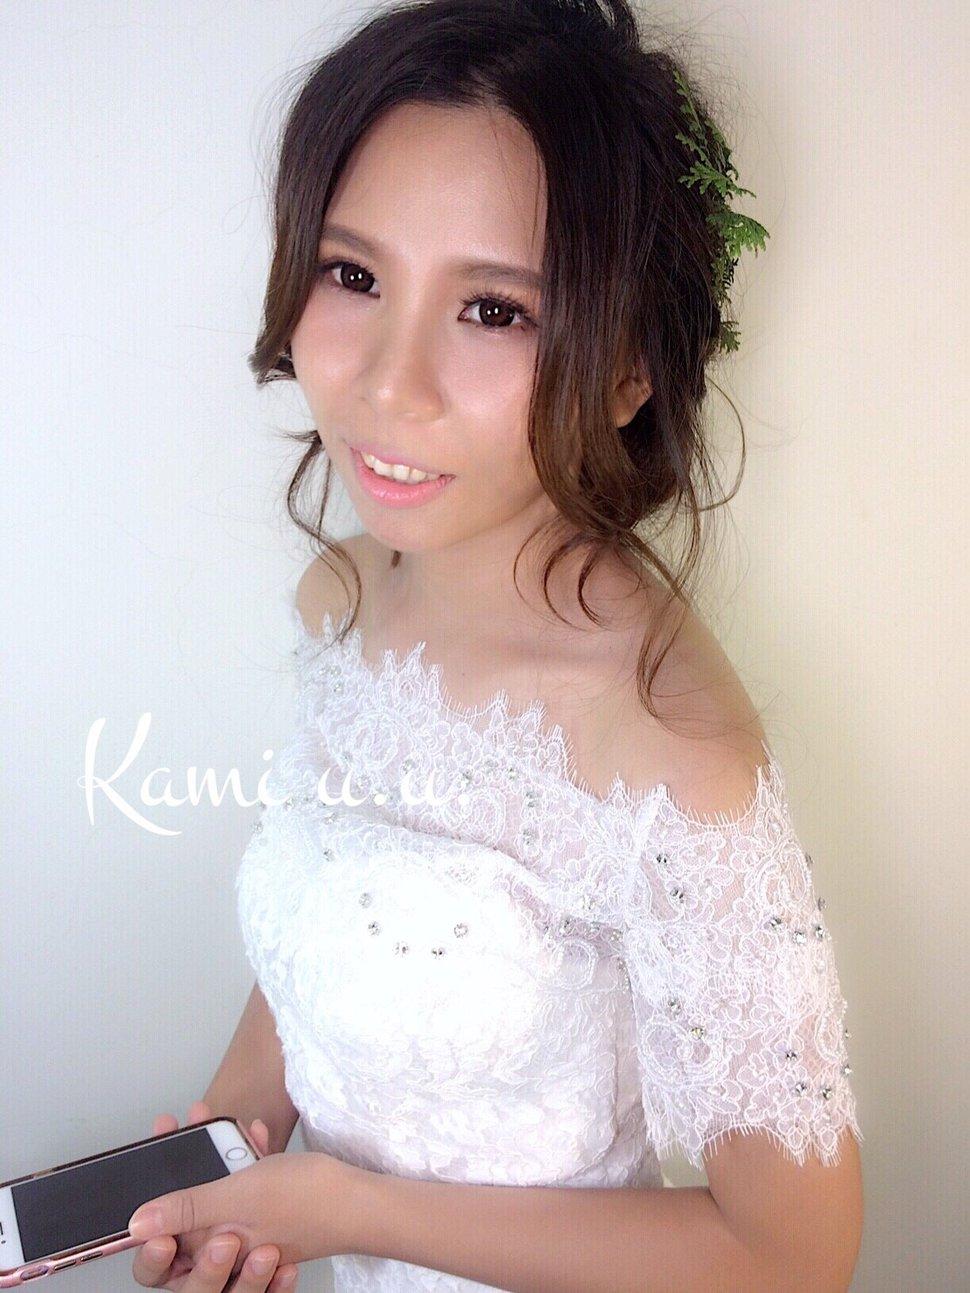 貝貝_190223_0008 - Kami u.u. 龔芷筠《結婚吧》